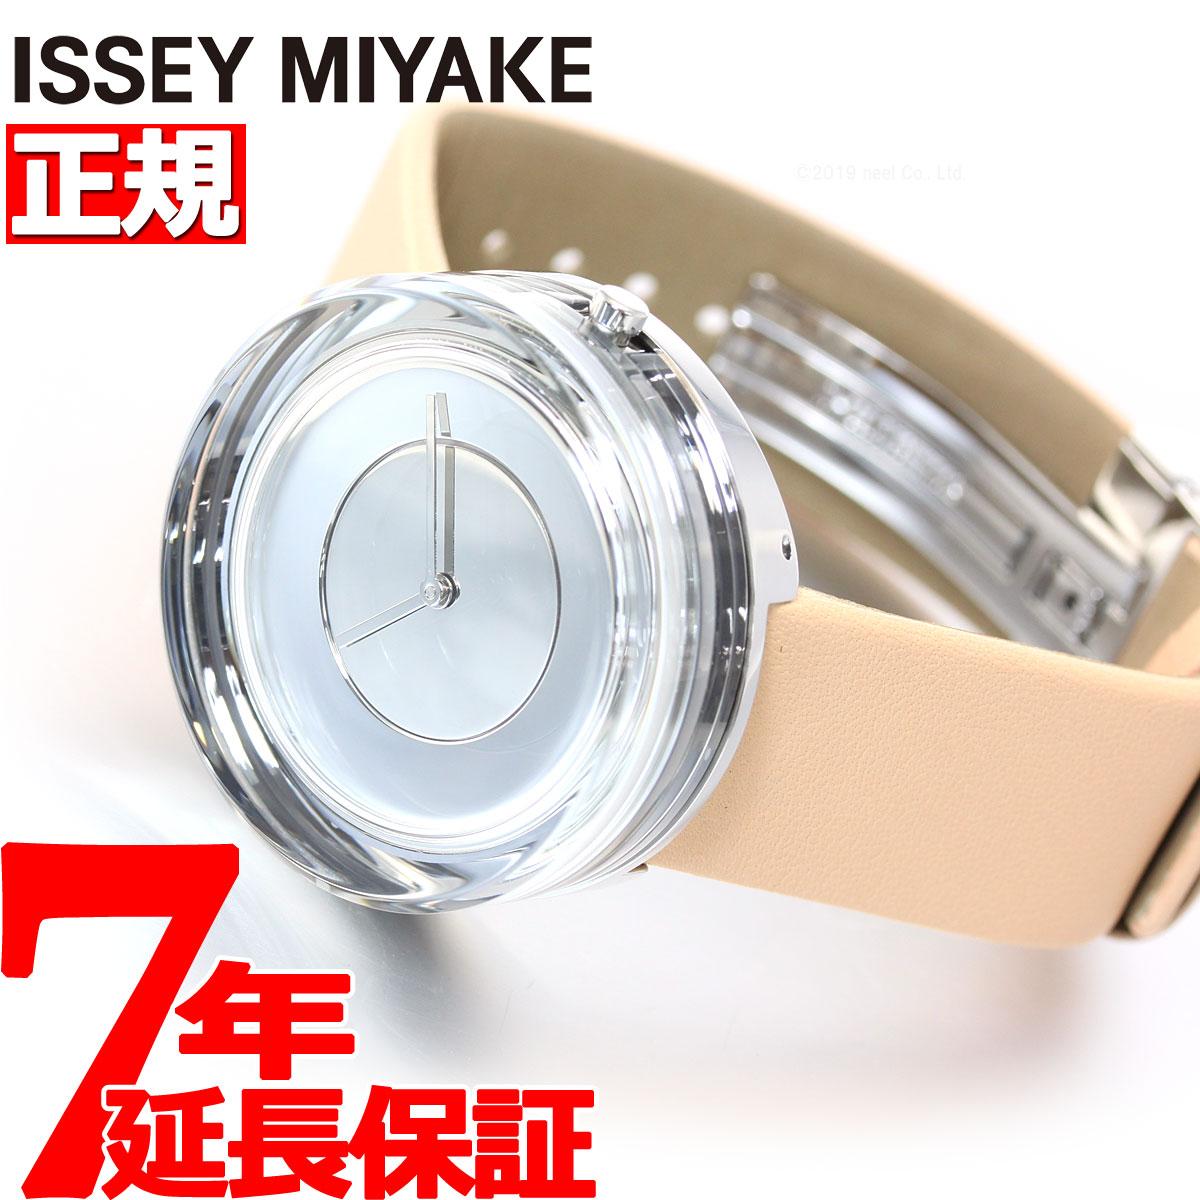 【5日0時~♪2000円OFFクーポン&店内ポイント最大51倍!5日23時59分まで】イッセイミヤケ ISSEY MIYAKE 腕時計 時計 メンズ NYAH003